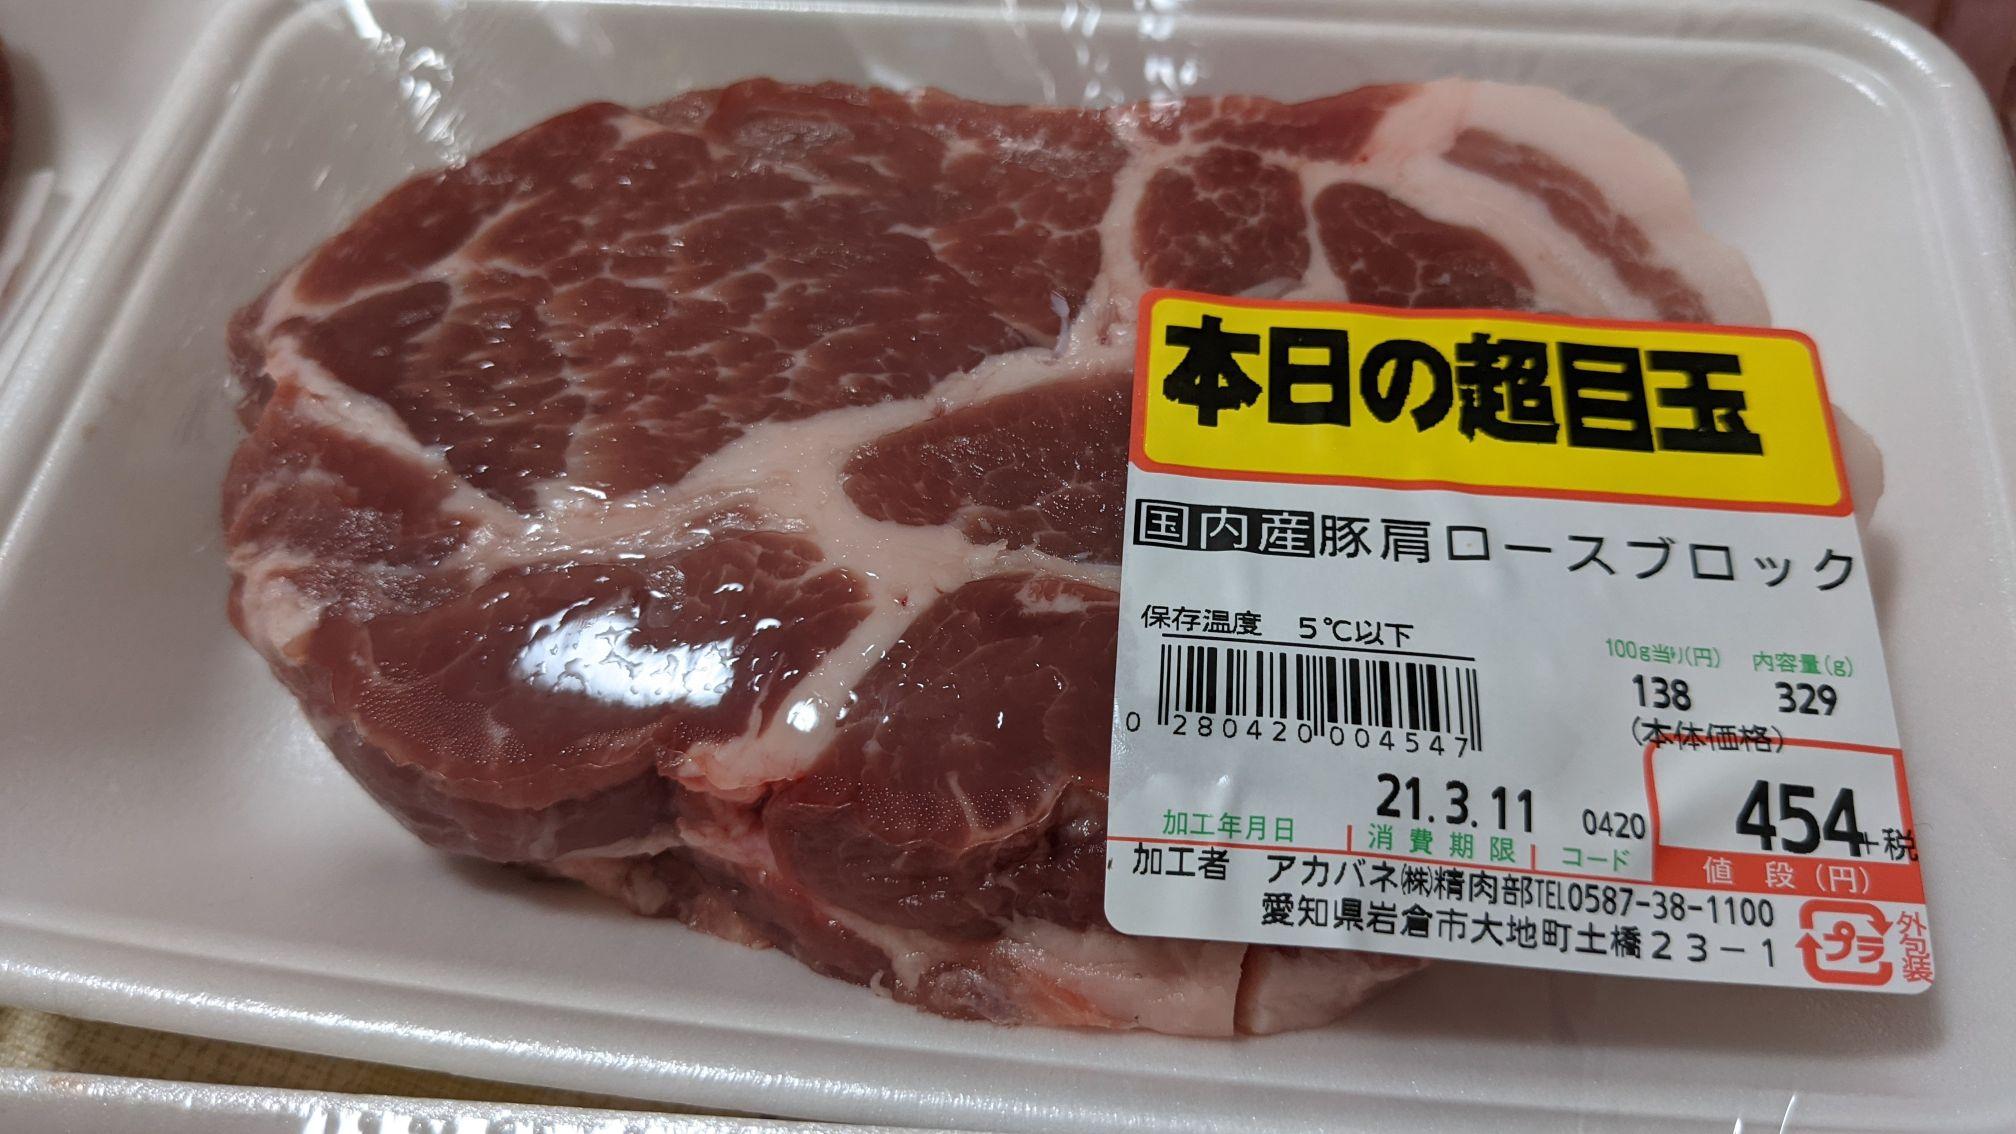 やまひこスーパー岩倉店の肉